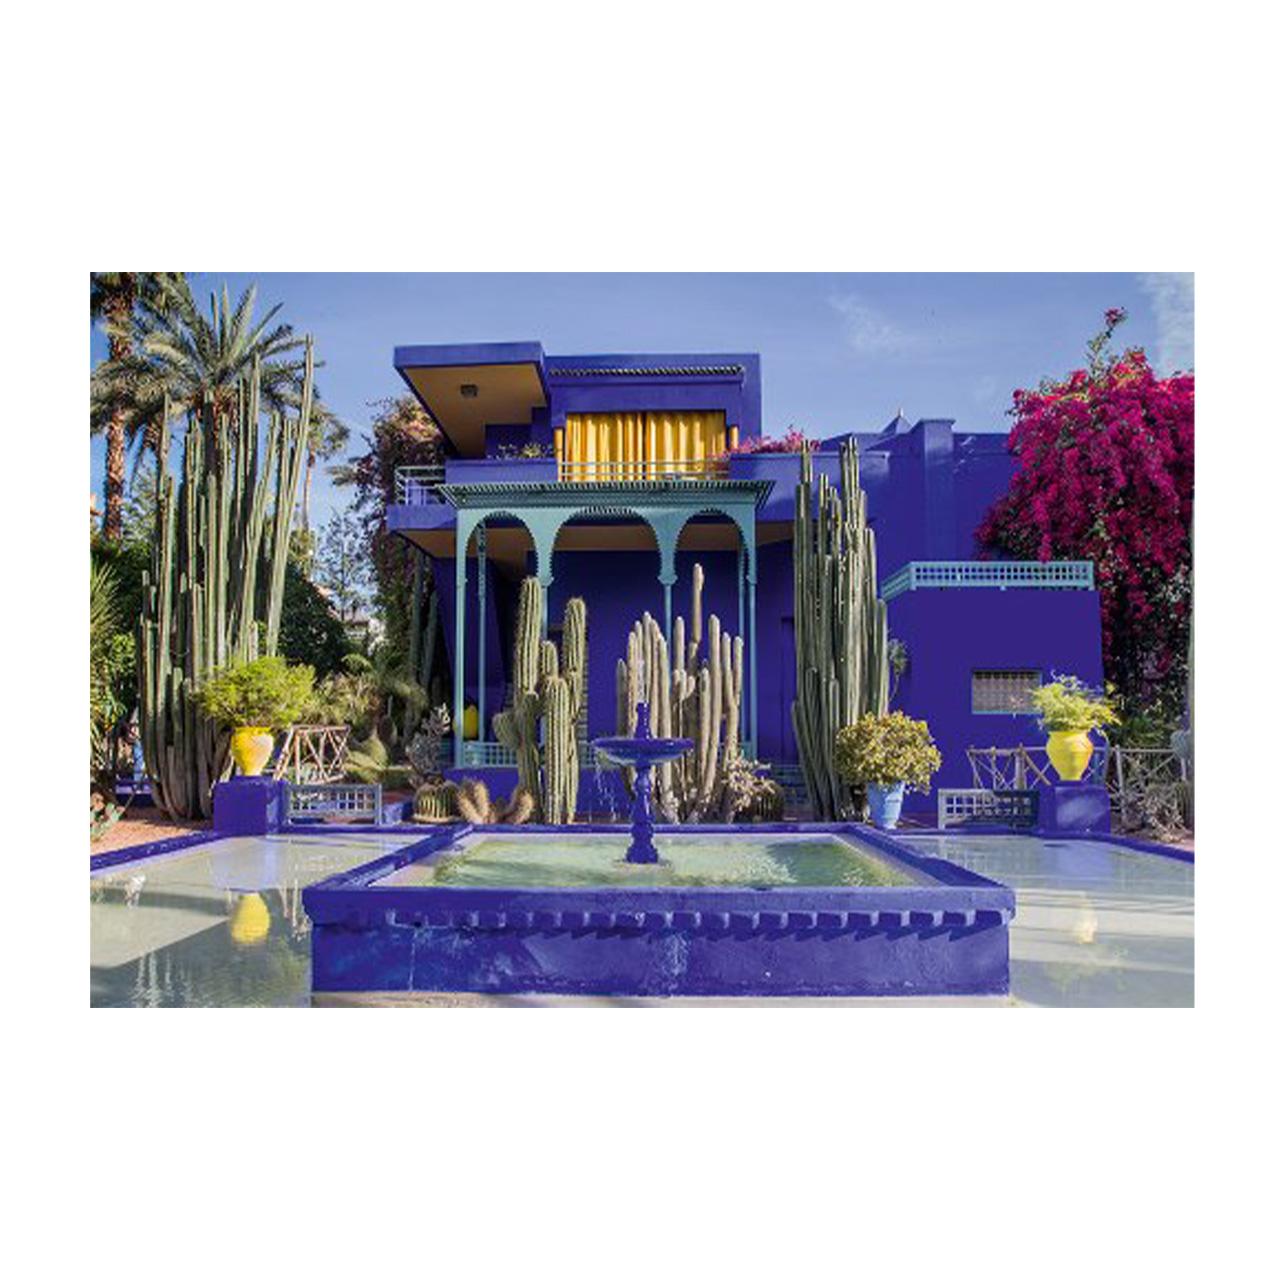 Imageland Bild Garten in Marrakesch